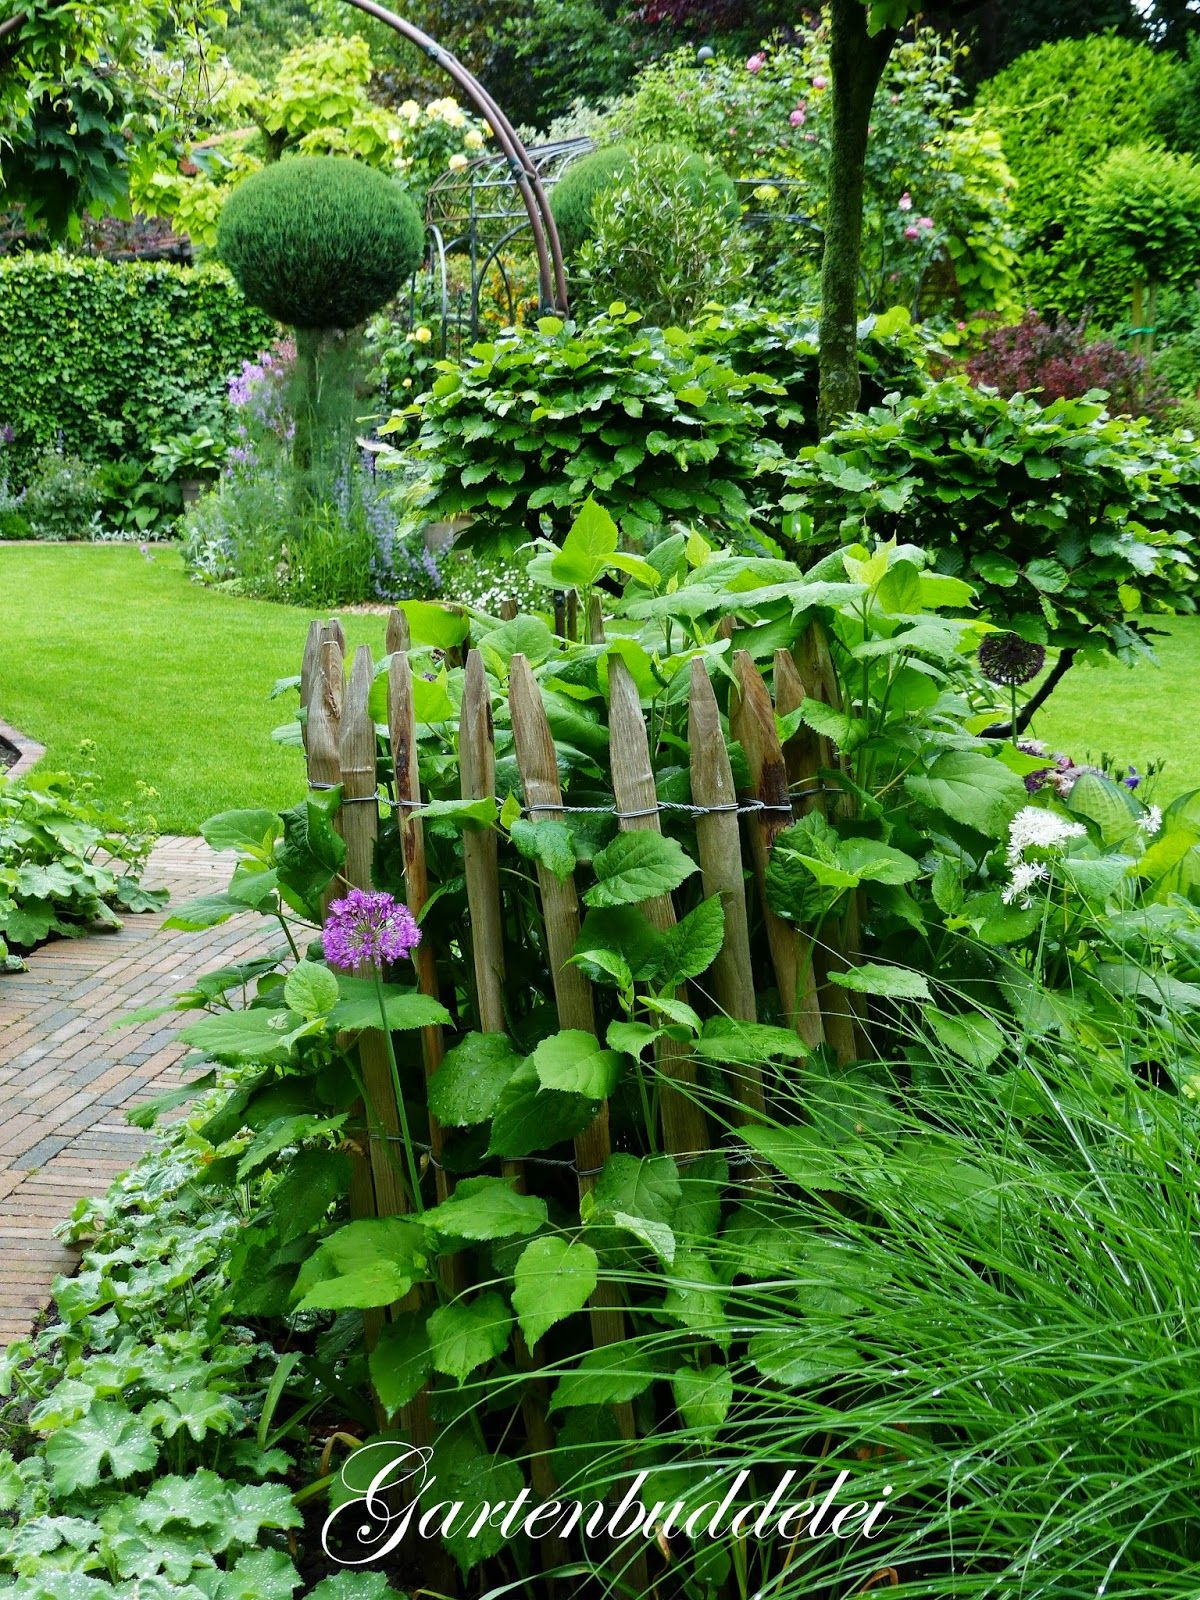 Gartenbuddelei Garten Deko Pinterest Garten Garten Ideen Und